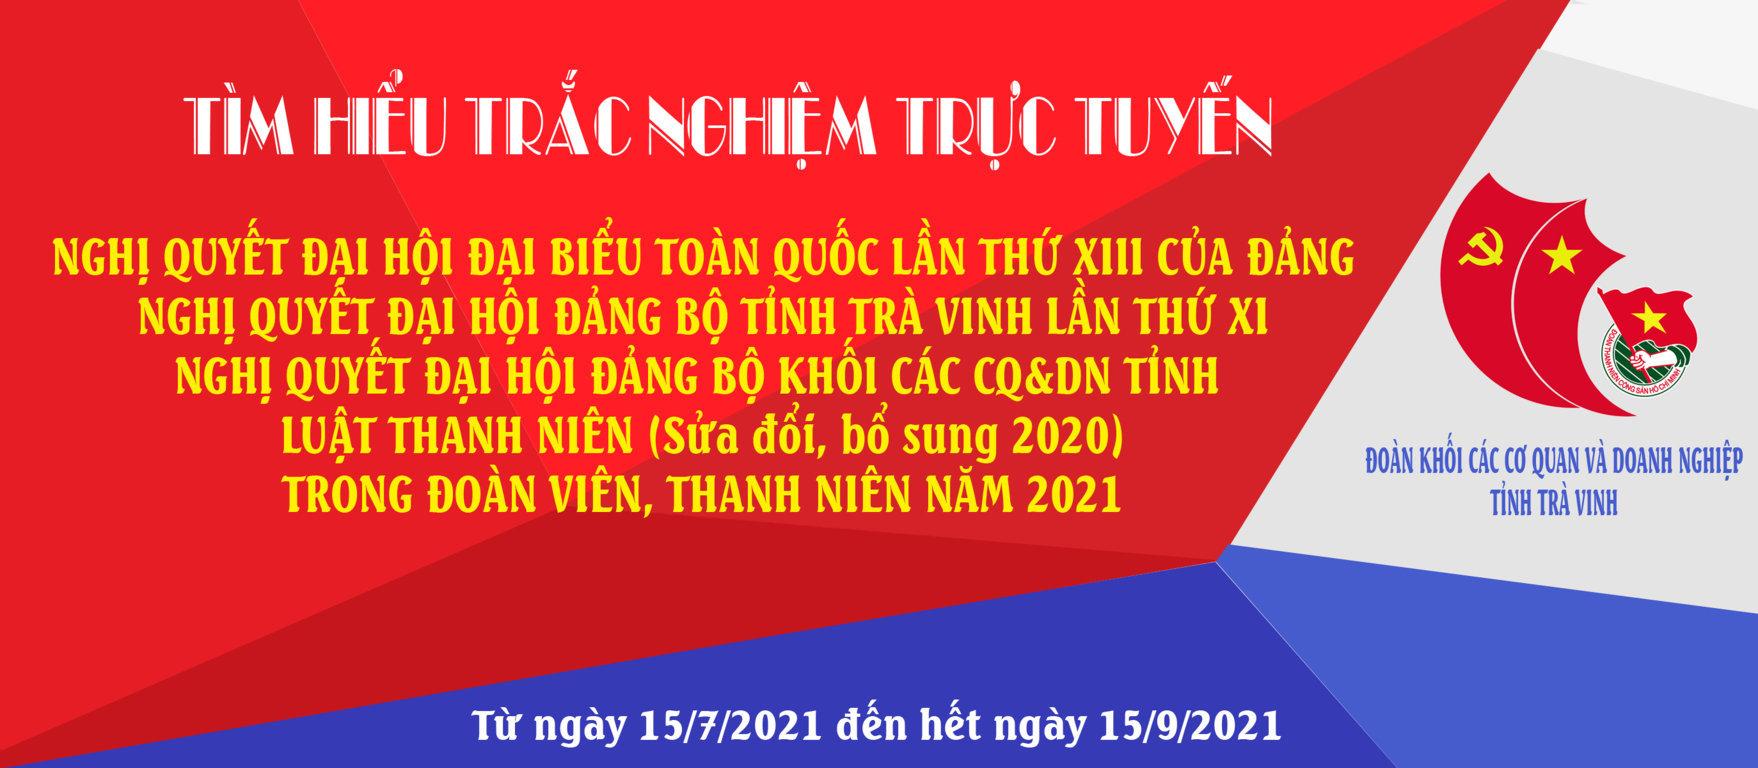 Đoàn khối Trà Vinh phát động hình thức tìm hiểu trắc nghiệm học tập trực tuyến Nghị quyết Đại hội Đảng các cấp, nhiệm kỳ 2020 – 2025 và Luật Thanh niên (sửa đổi năm 2020) trong đoàn viên, thanh niên năm 2021